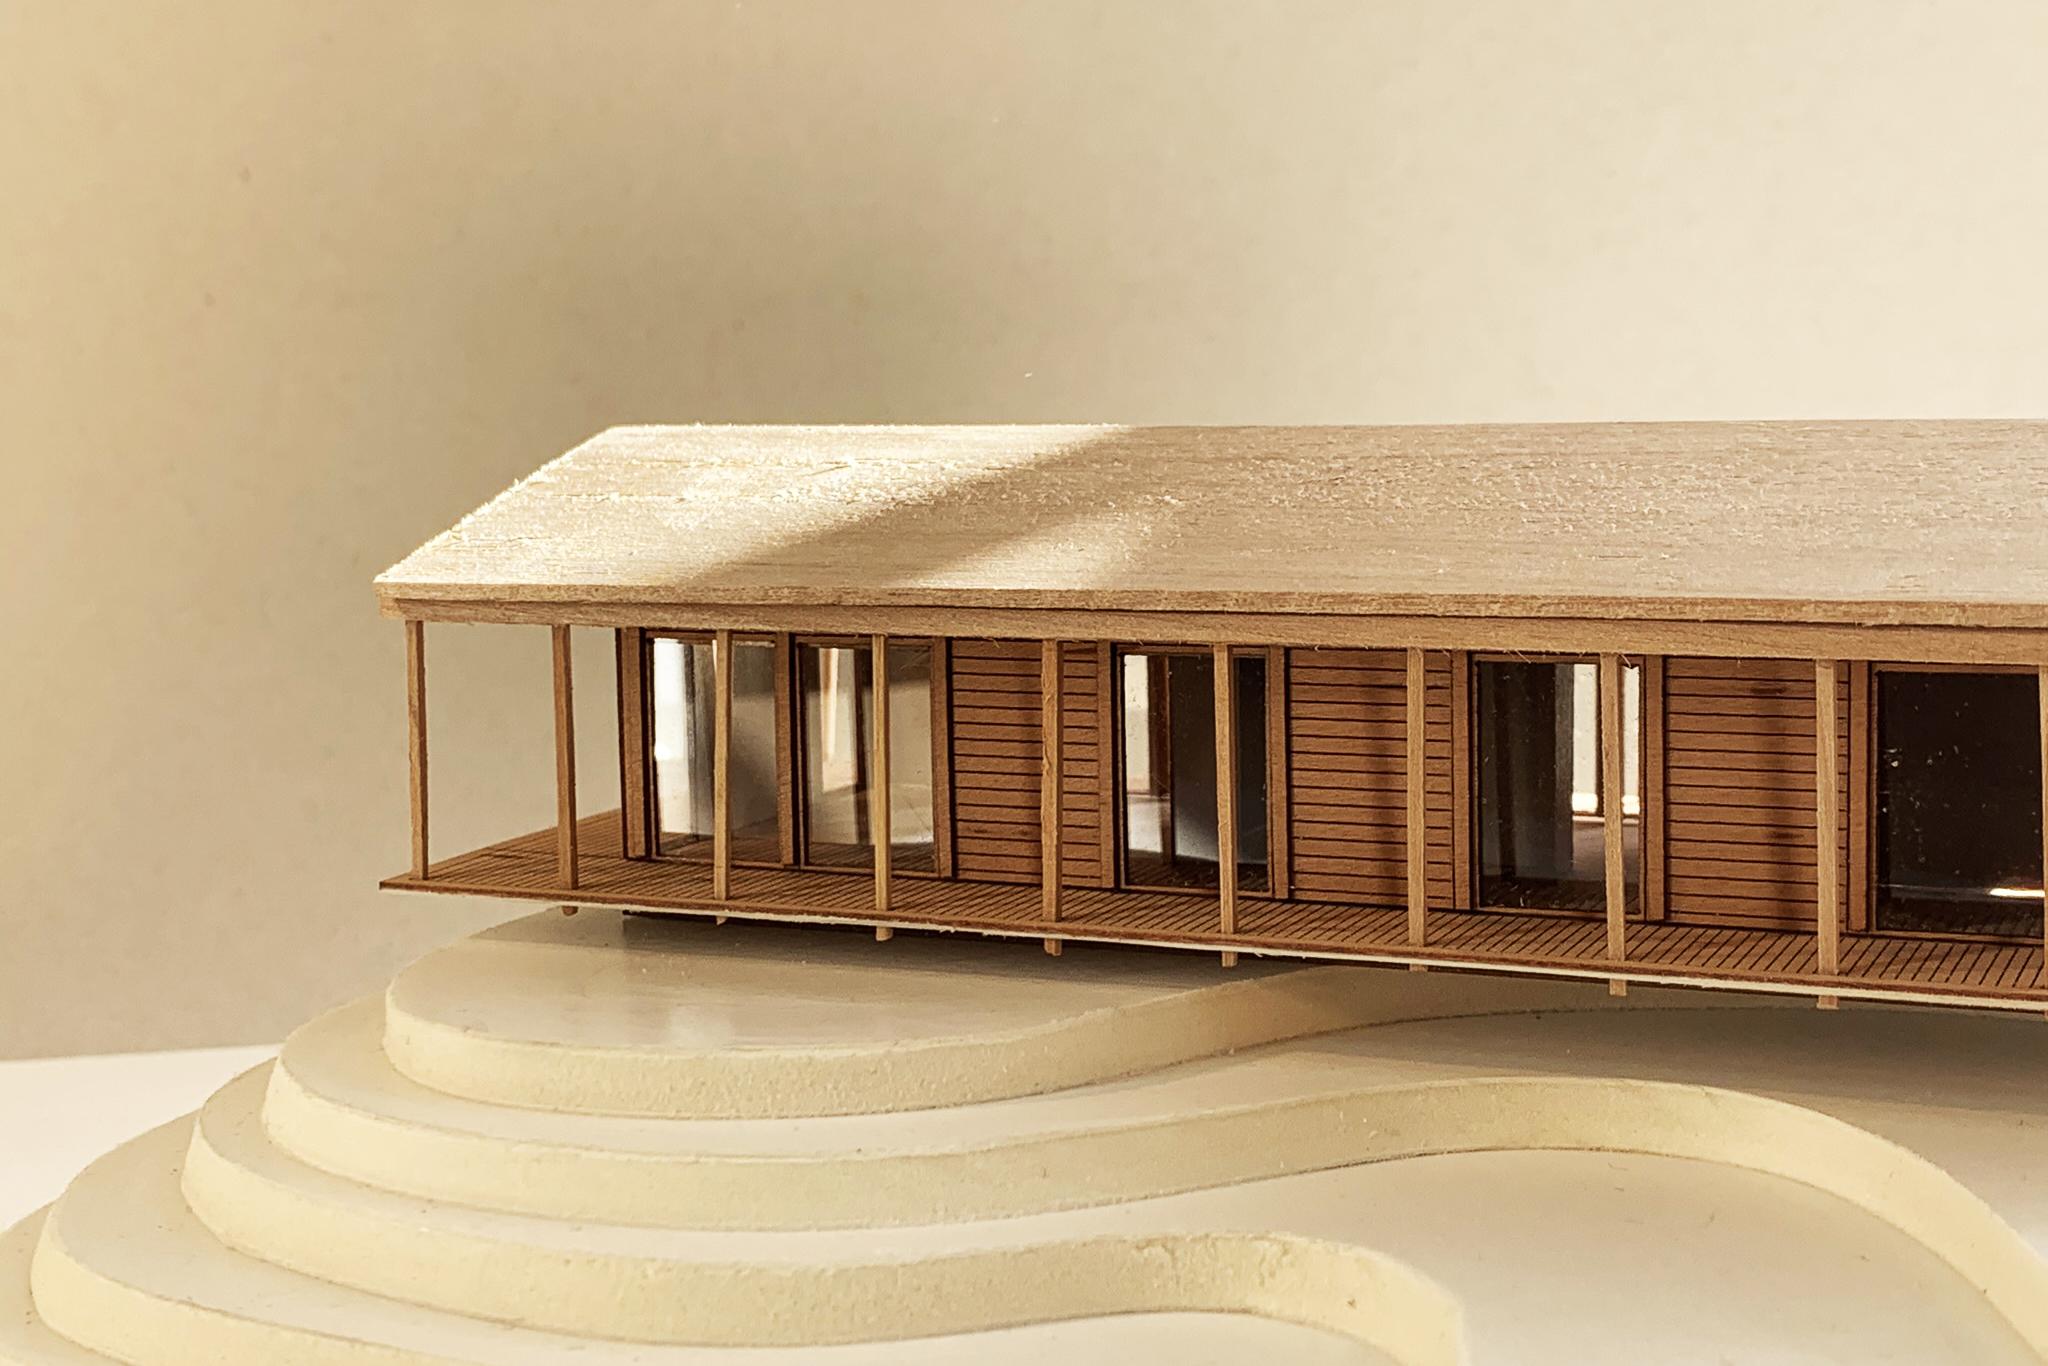 Fysisk modell i trä, Djurö. Nyréns modellverkstad